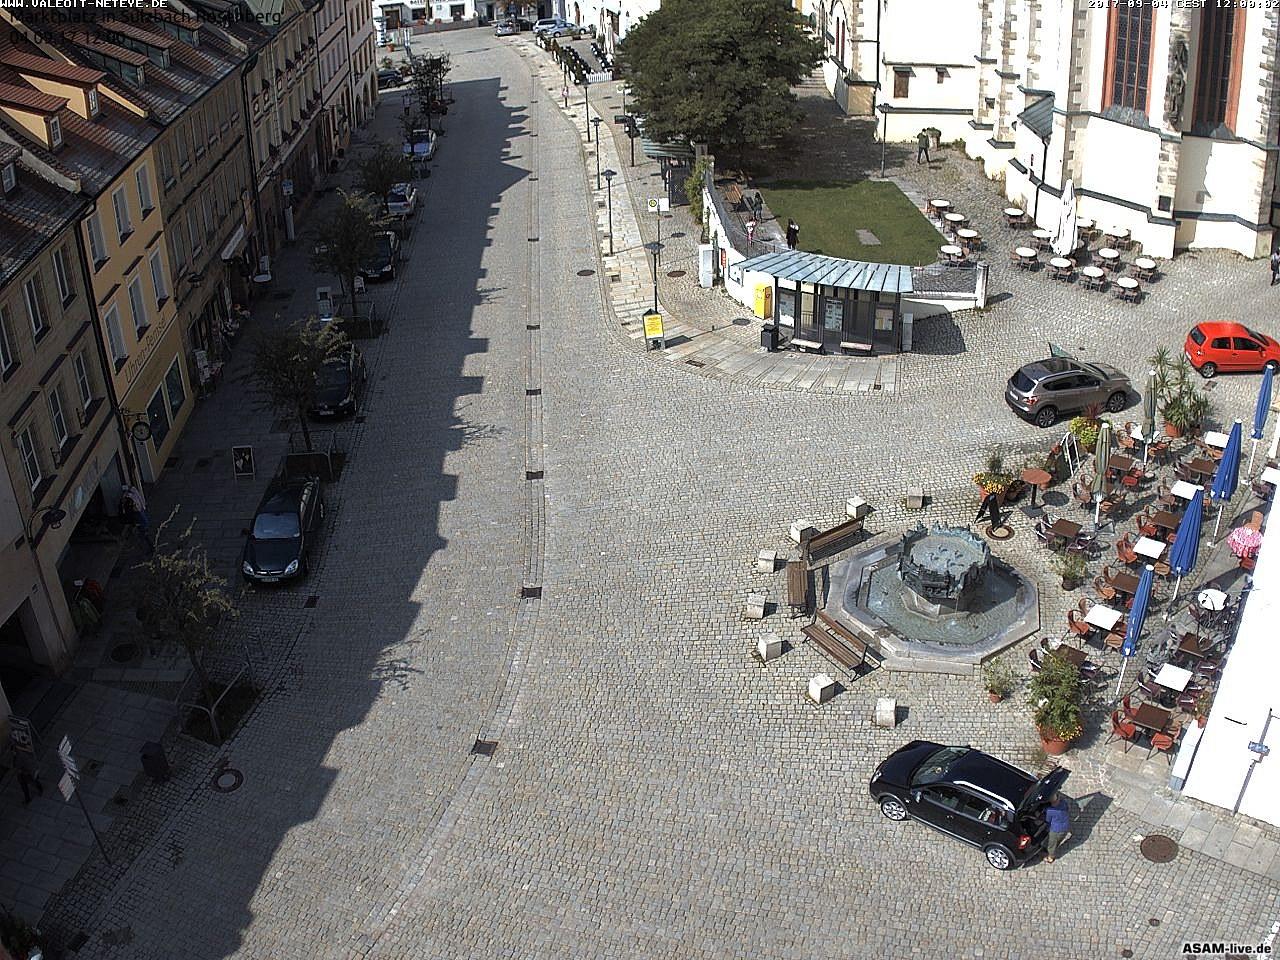 WebCam 63834 Sulzbach am Main in Bayern - das Bild wird automatisch aktualisiert.